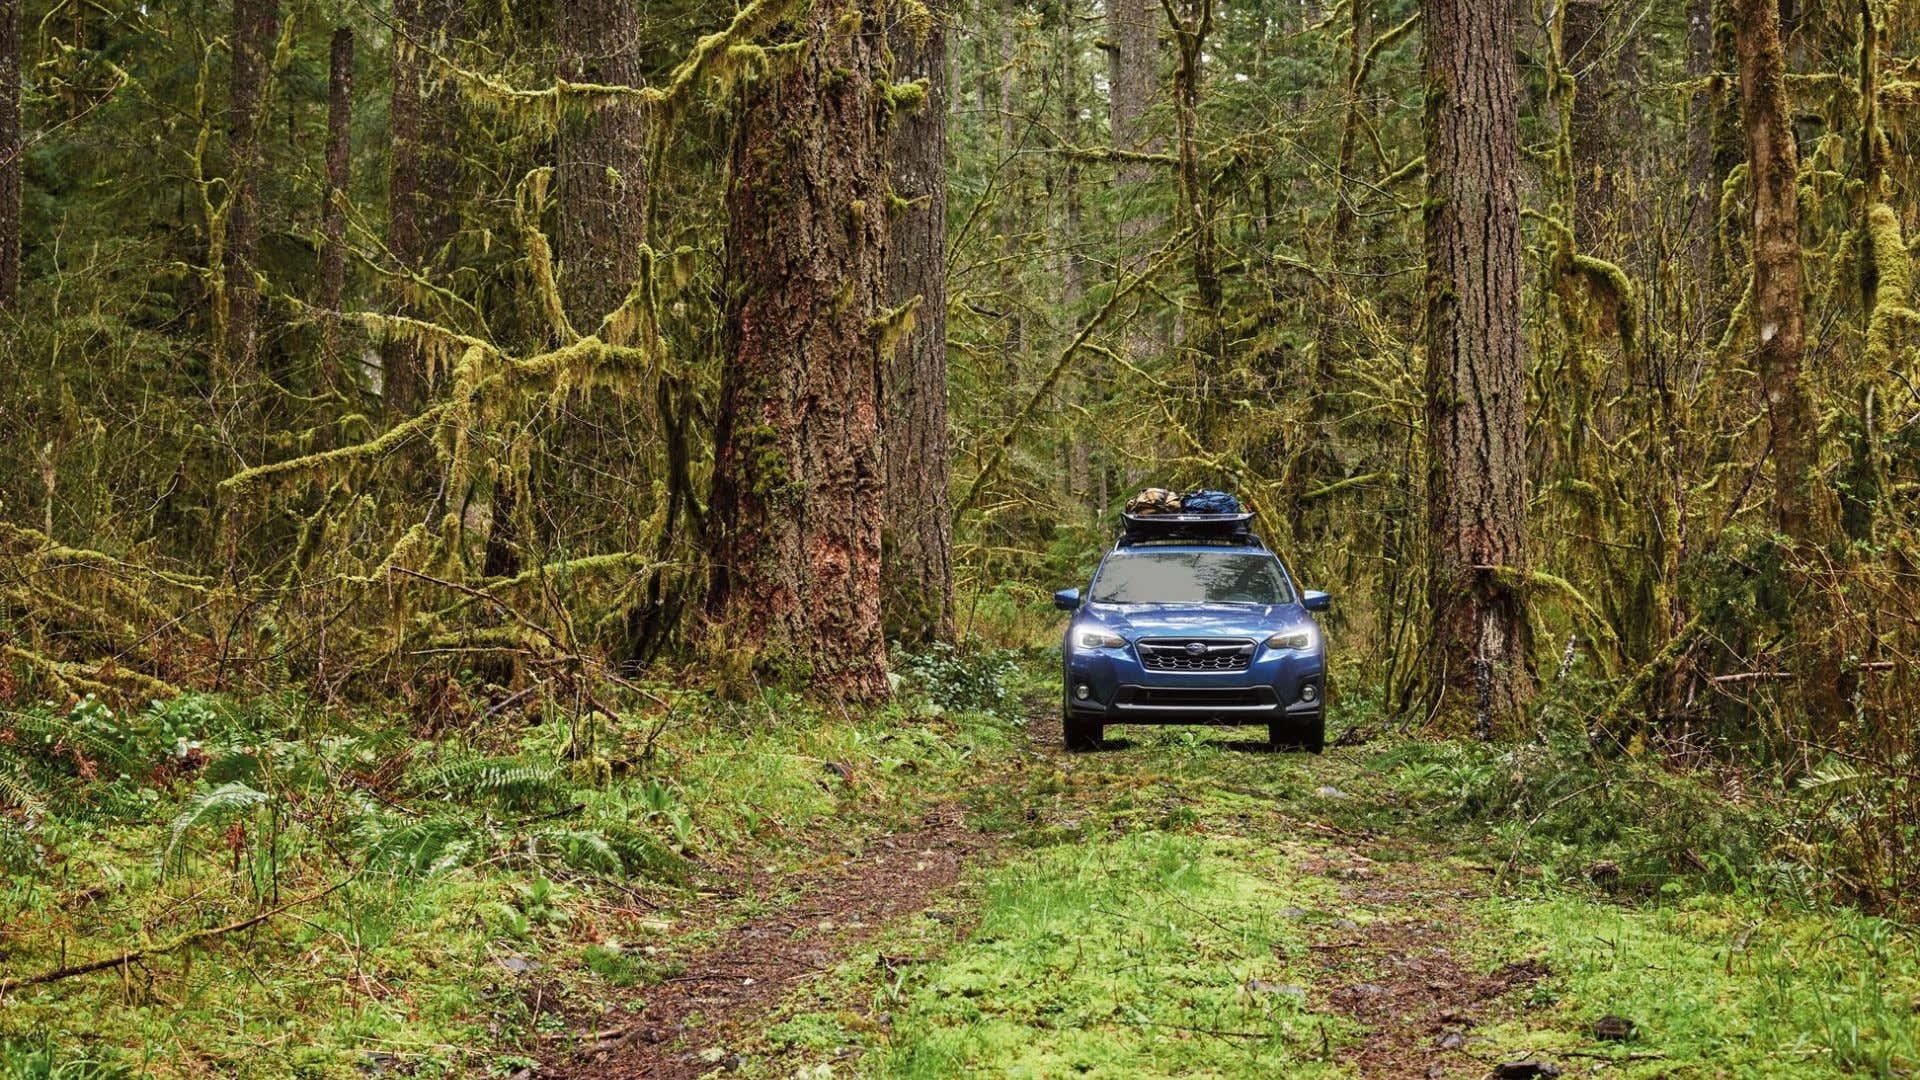 A Subaru Crosstrek looking for a camping spot.